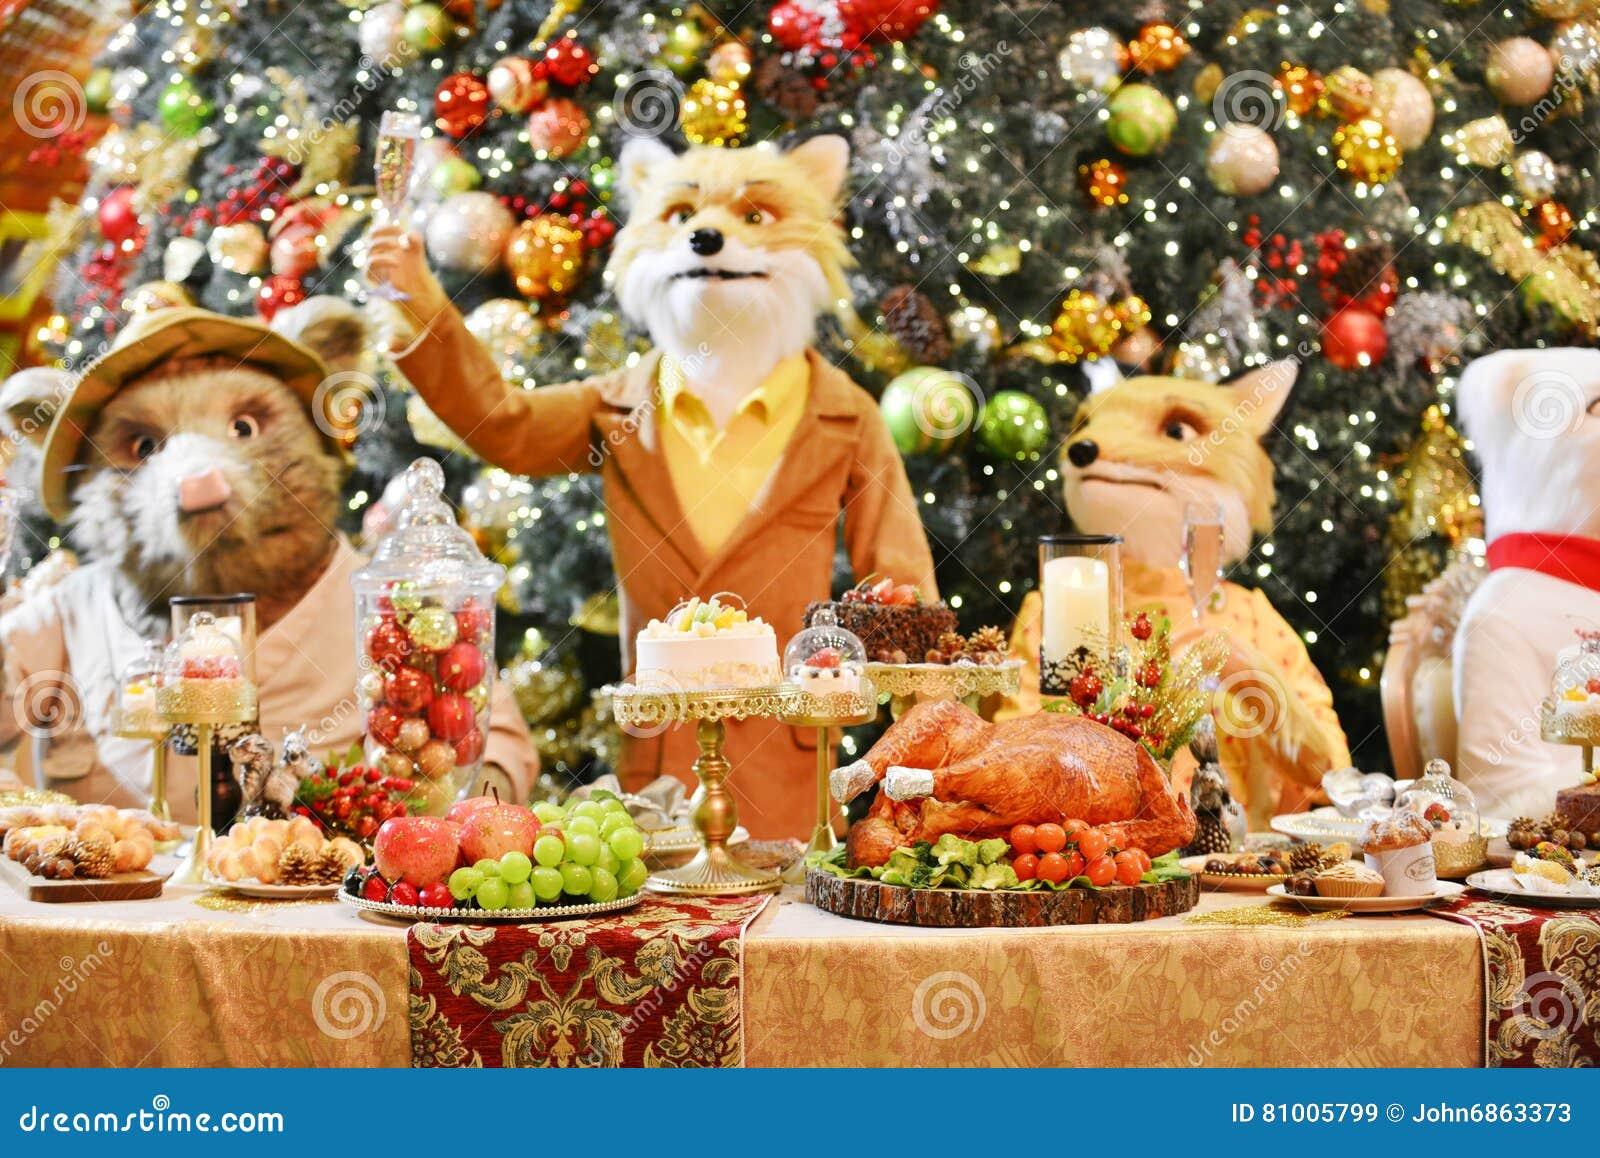 Het diner van Kerstmis